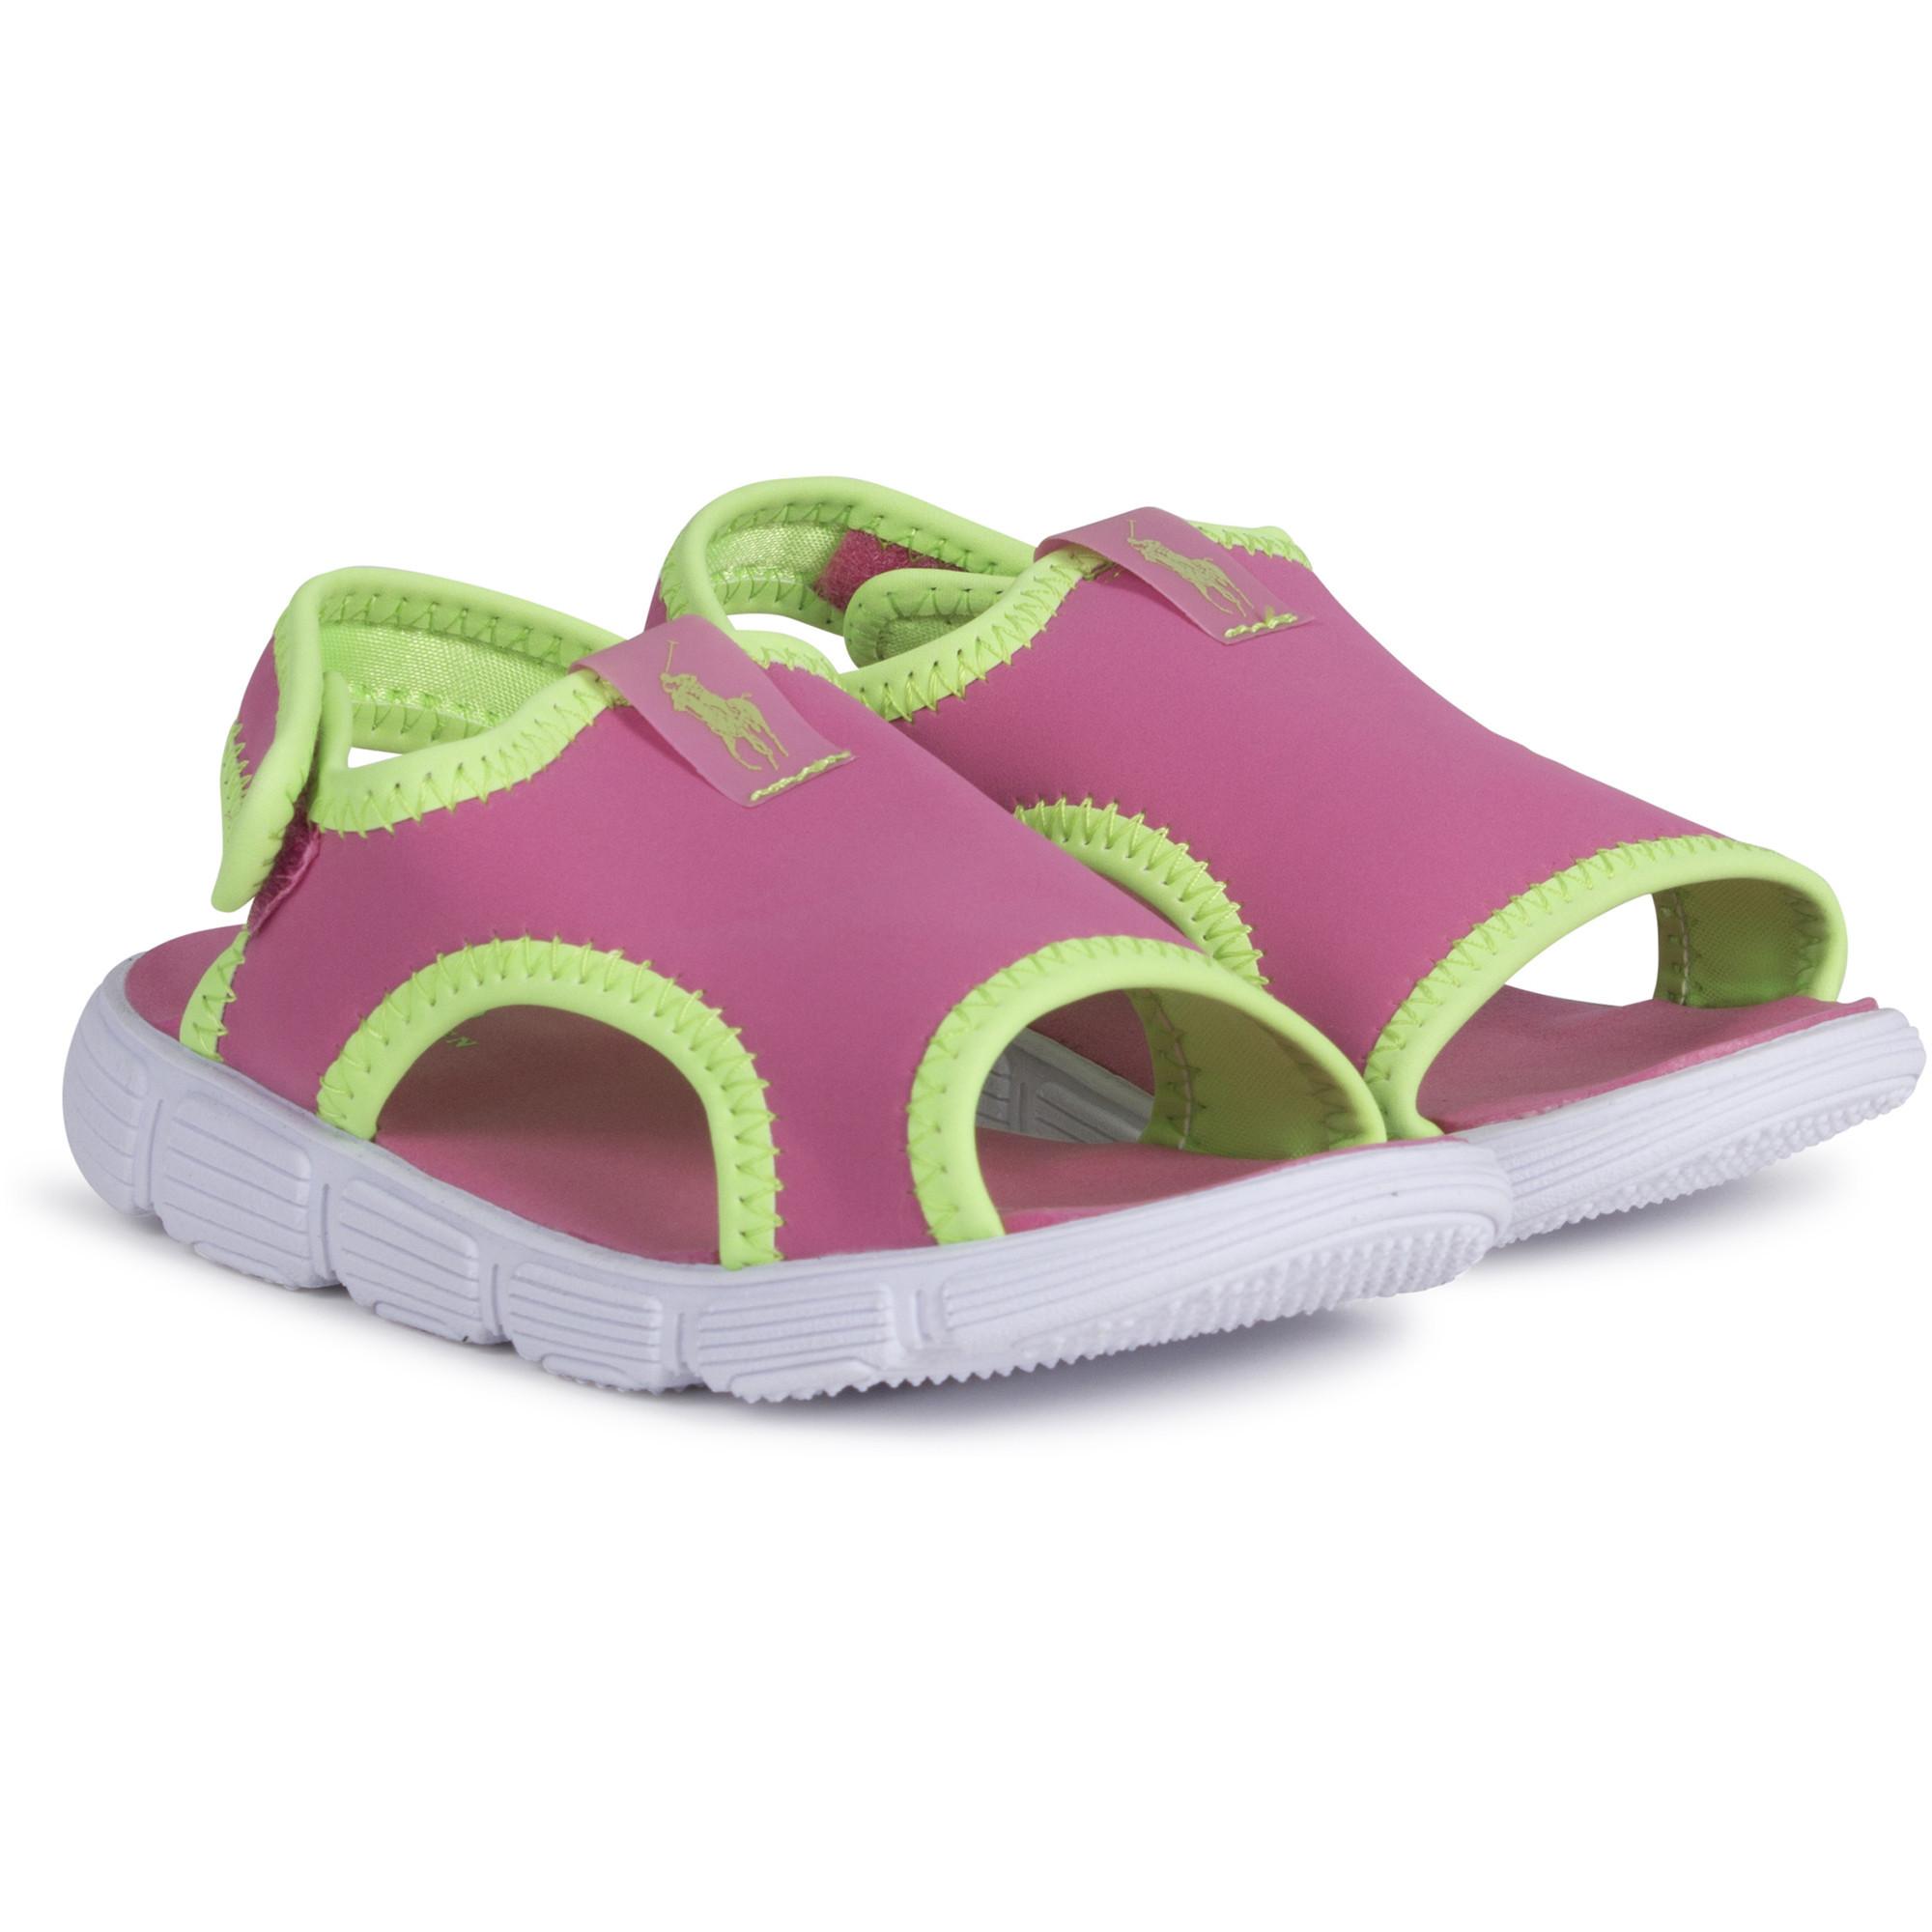 Ralph Lauren Girls Aqua Sandals in Pink